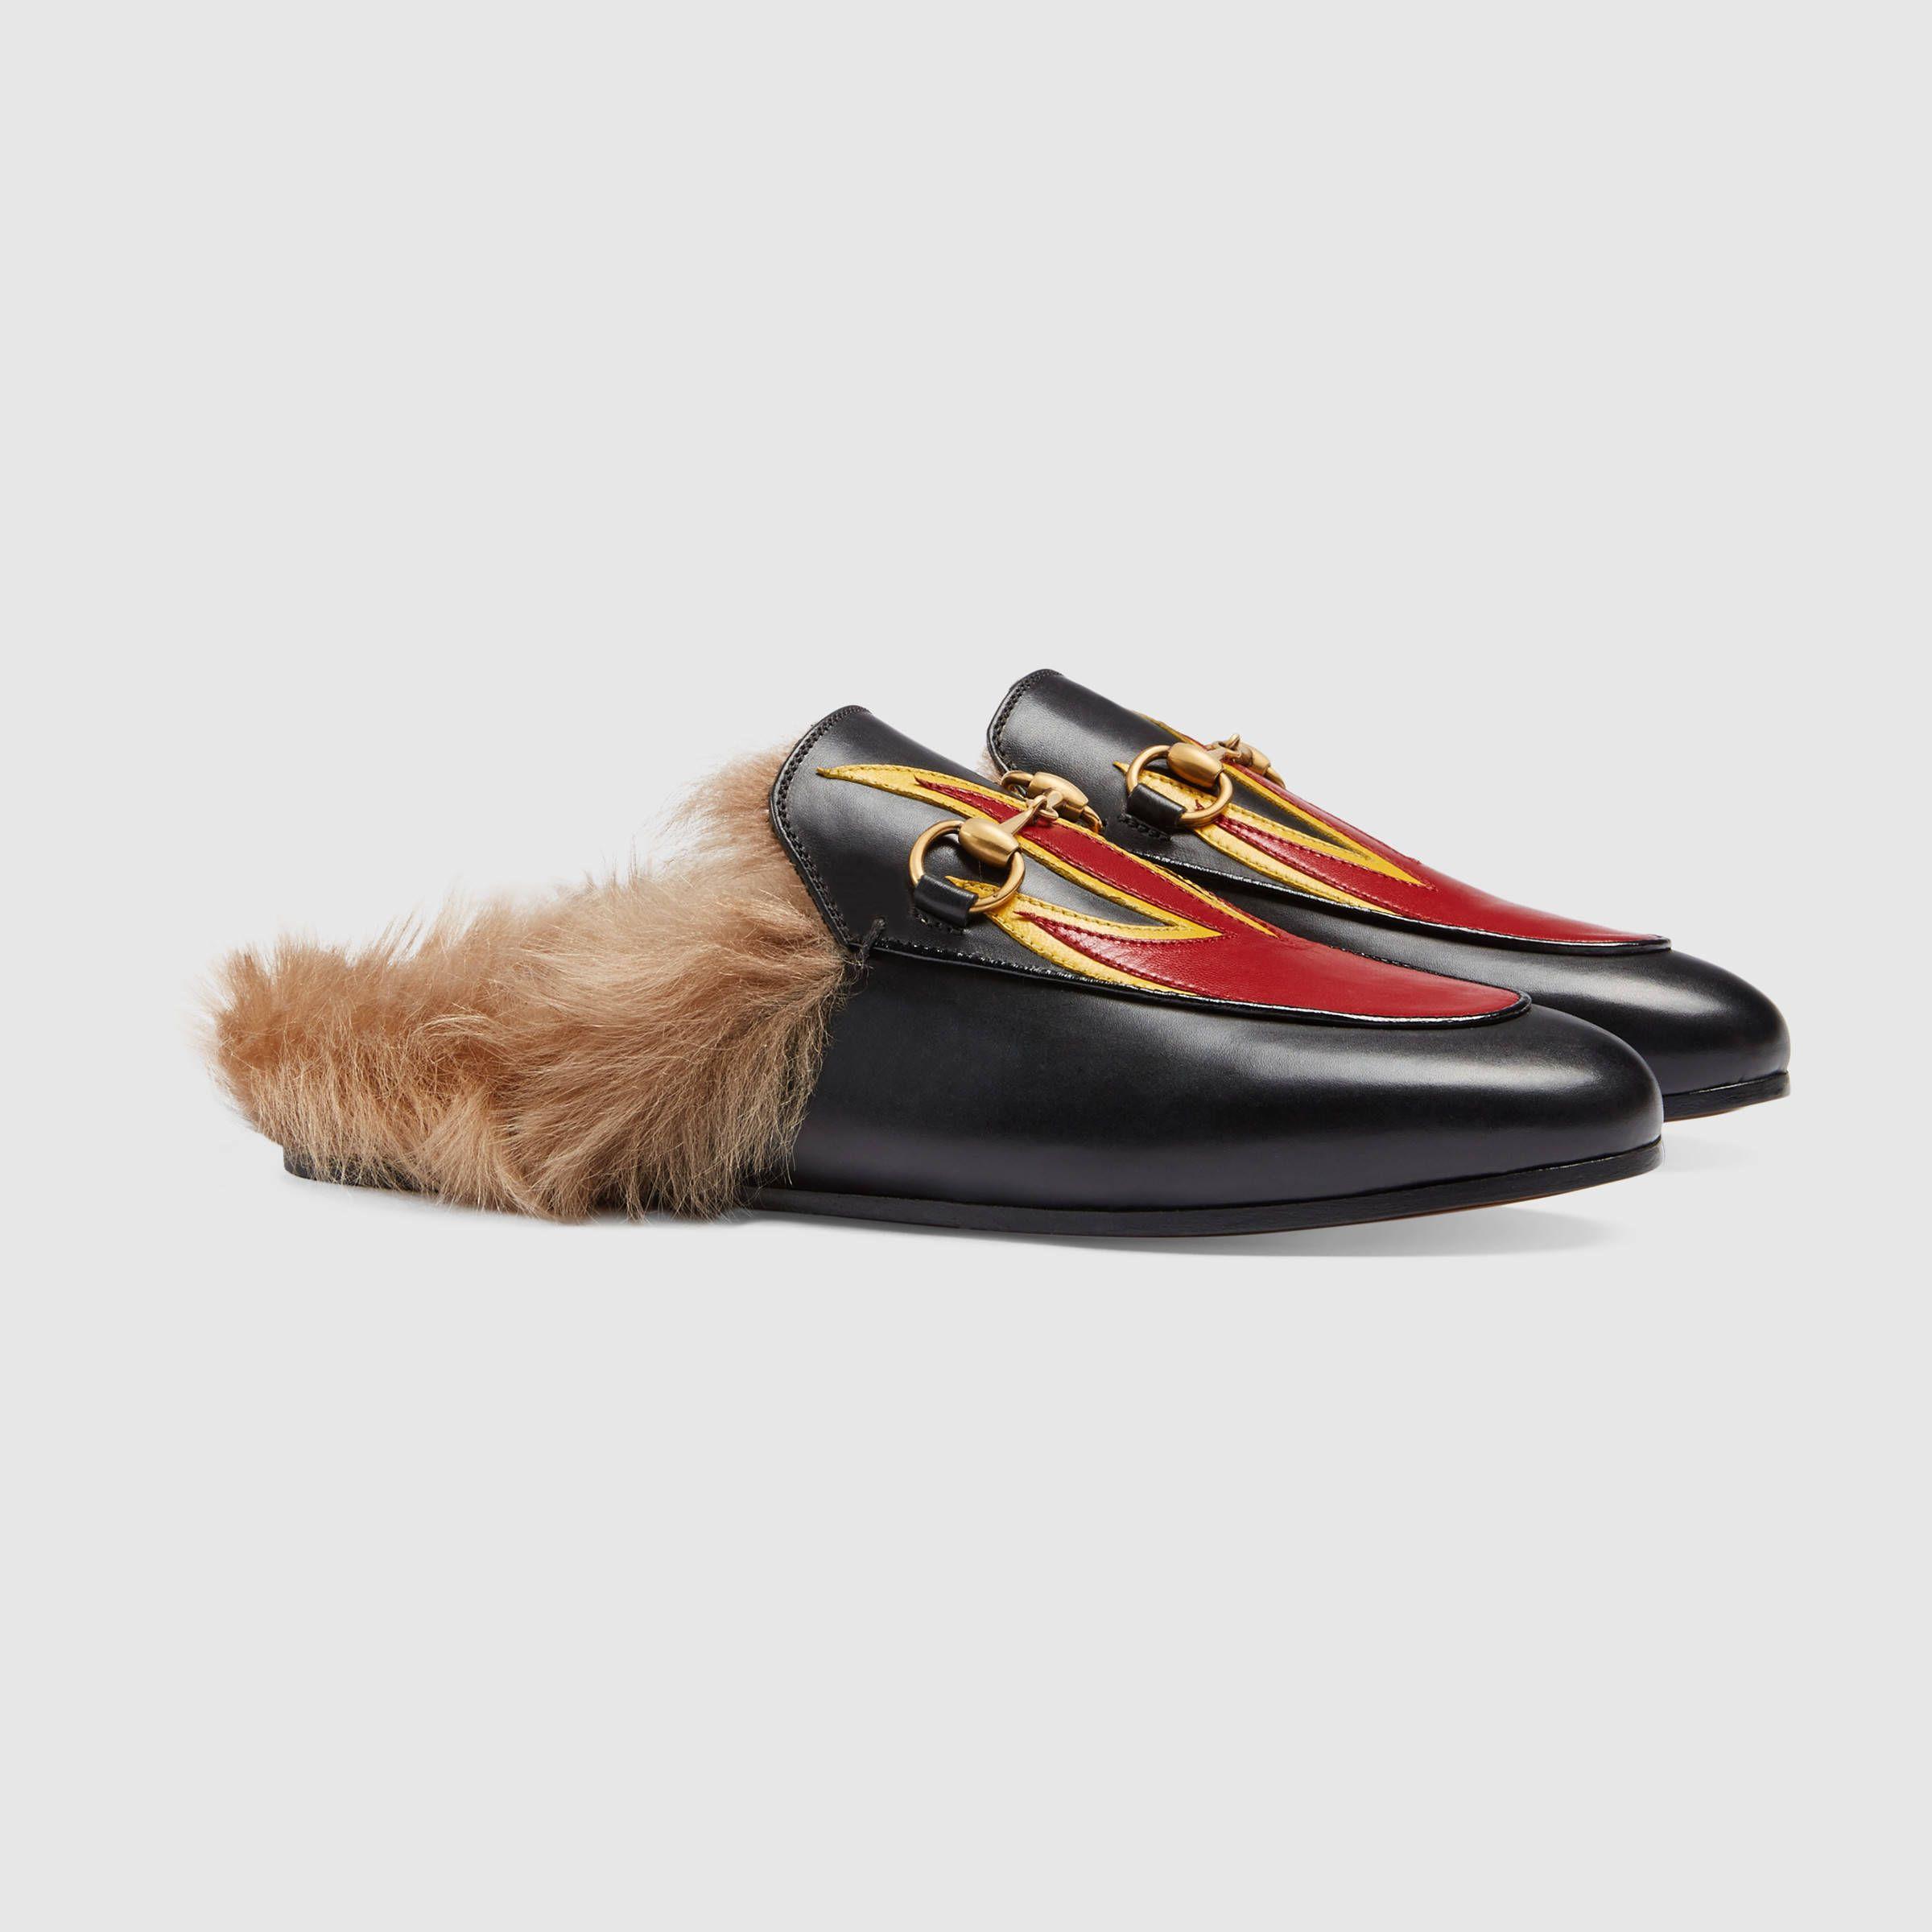 Erkunde Modetrends Winter 2016, Schuhe und noch mehr!